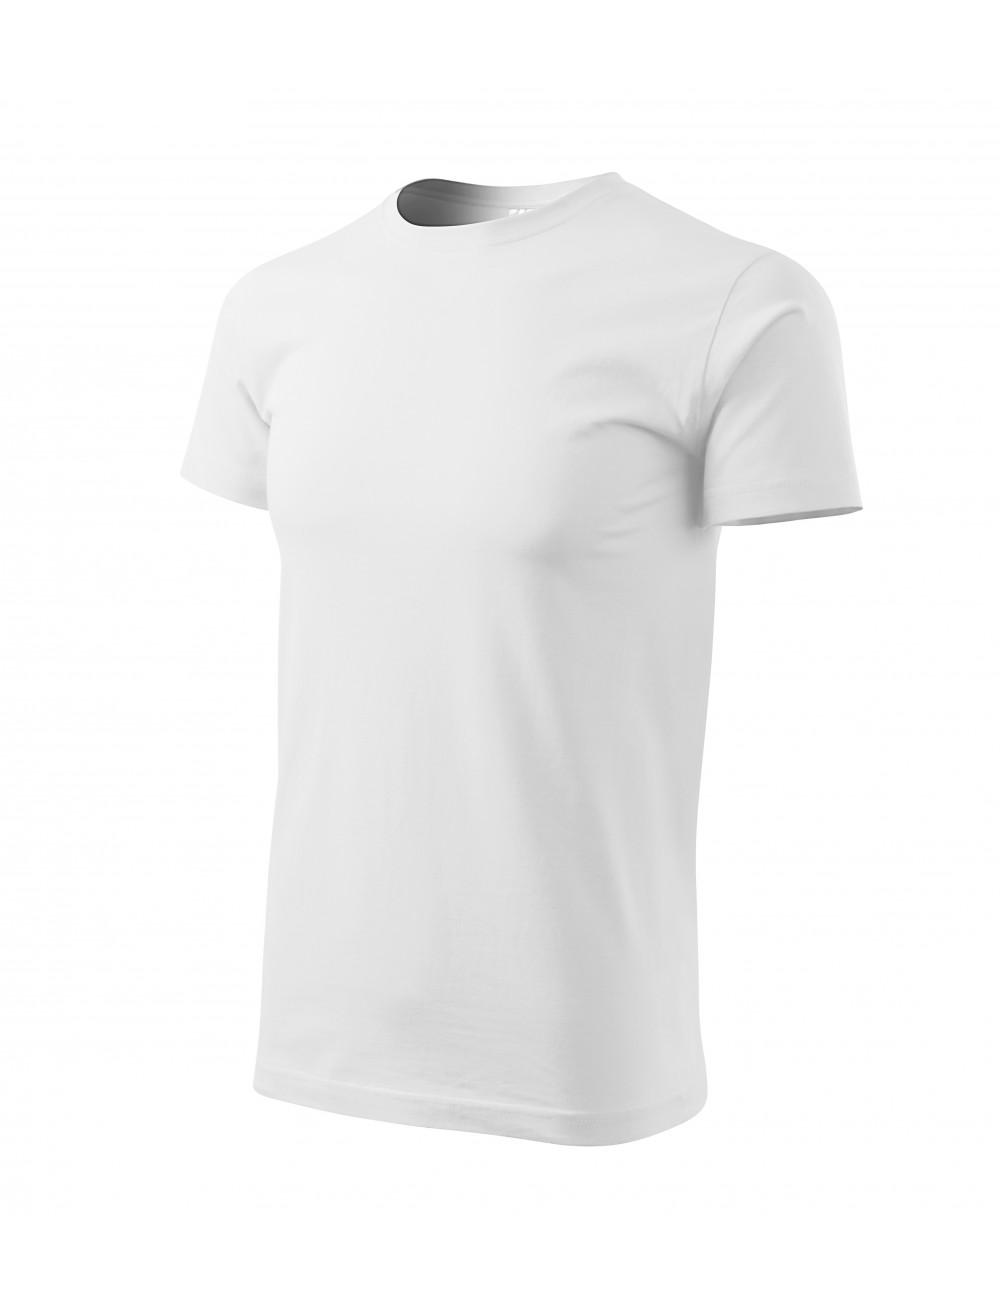 Adler MALFINI Koszulka męska Basic 129 biały